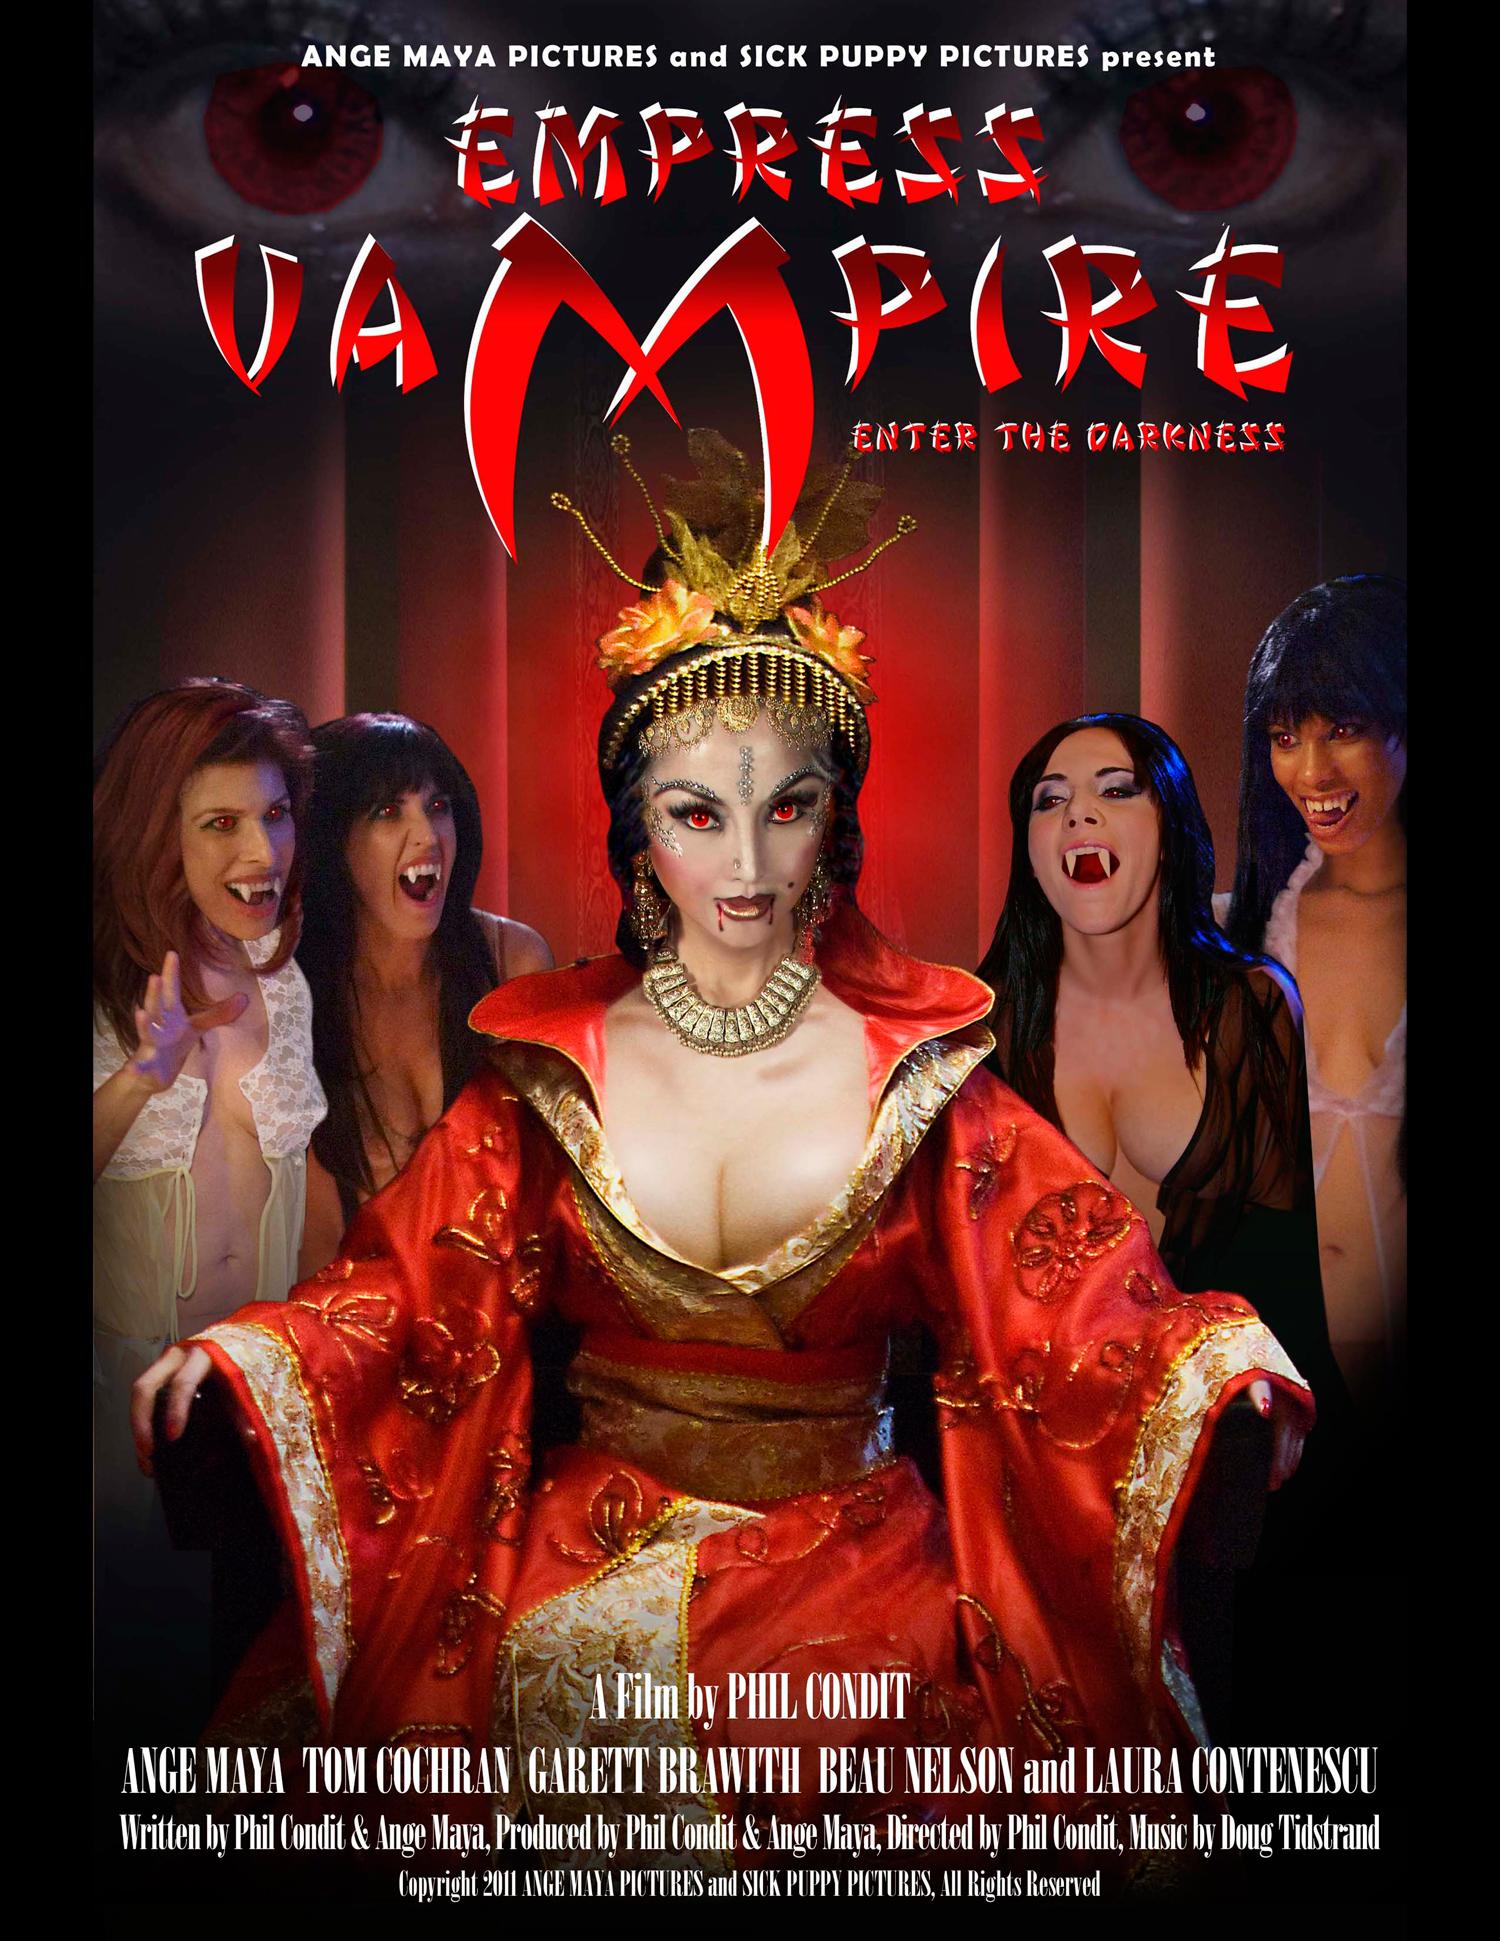 «Смотреть Фильмы Про Вампиров Список Лучших Фильмов» — 2008